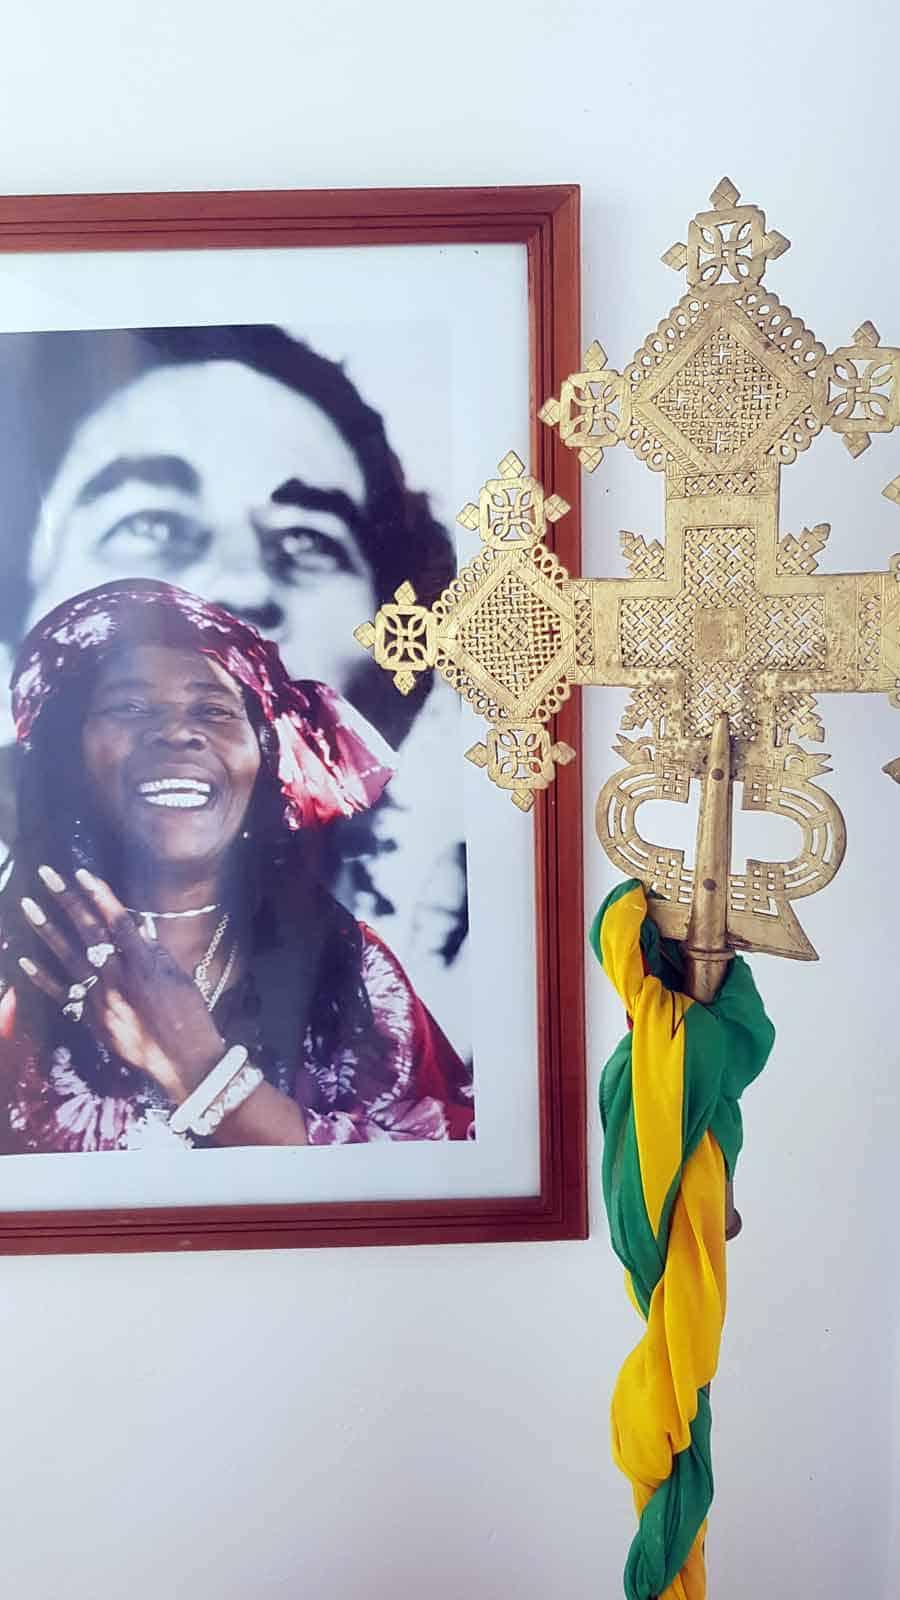 Sa planina Etiopije na obale Kariba: Mama Marli, Bob Marli i Etiopski krst